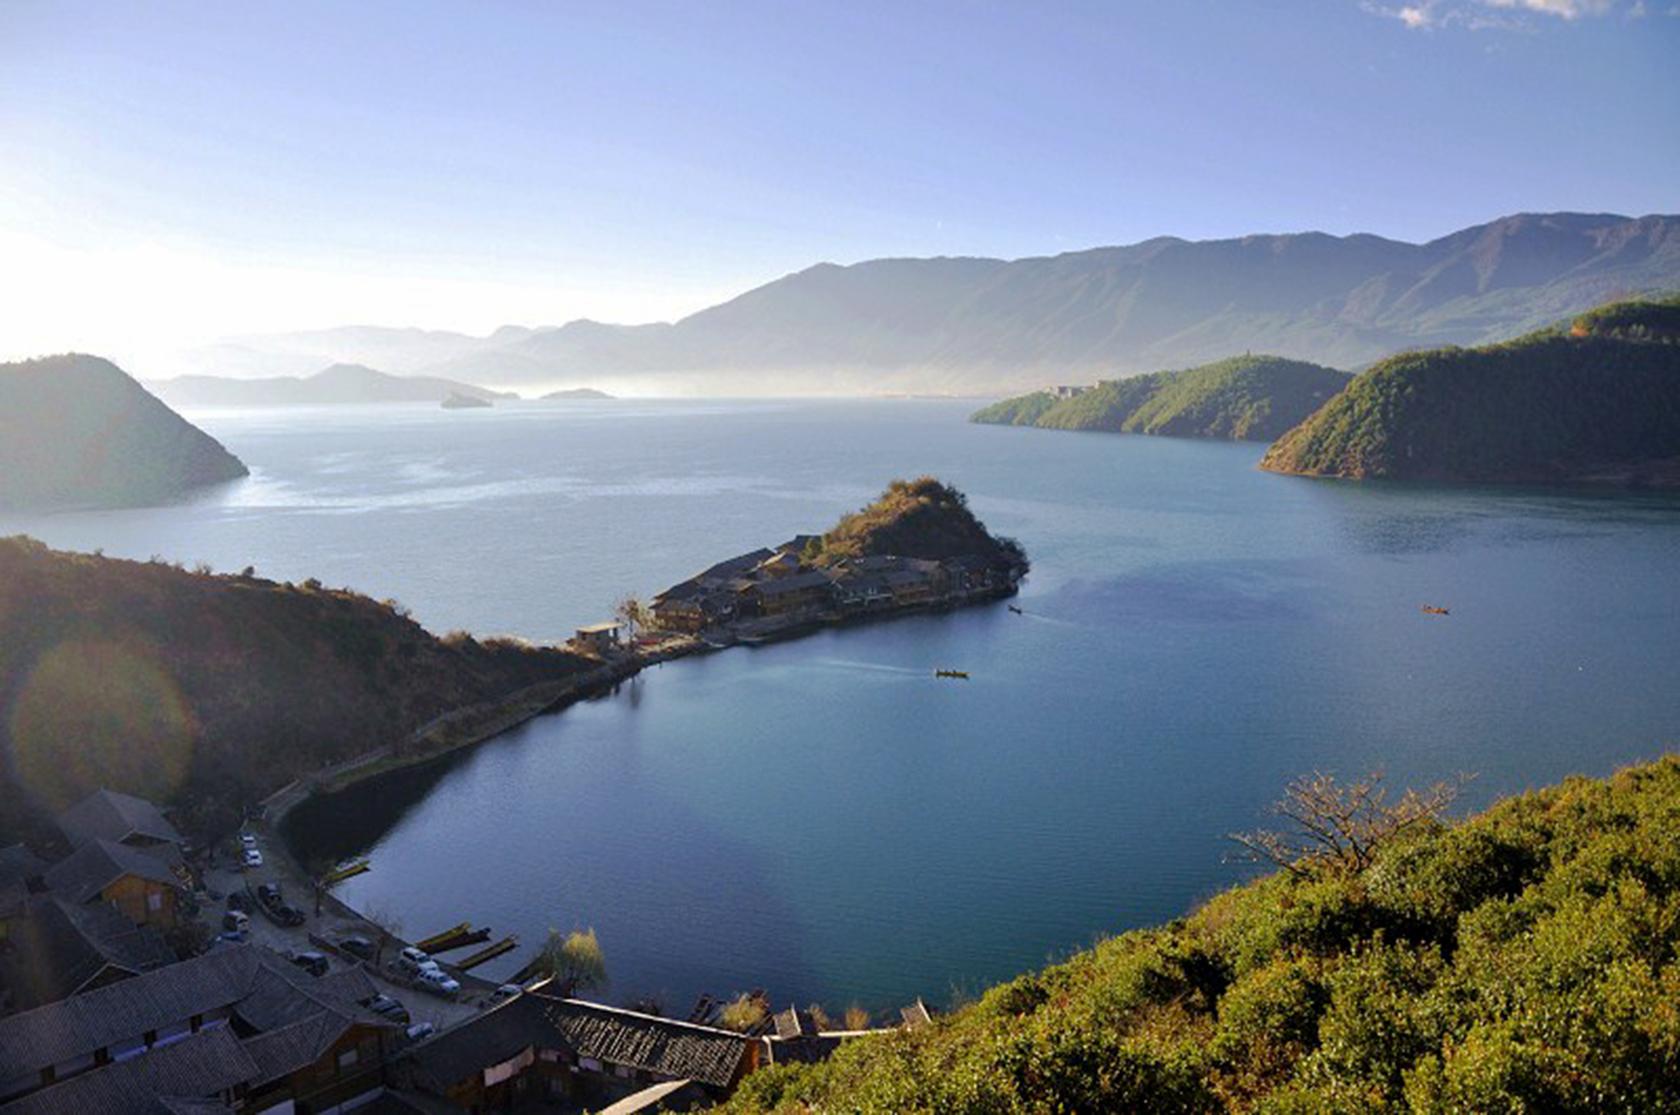 16天徒步体验云南心灵之旅之泸沽湖一日游图片